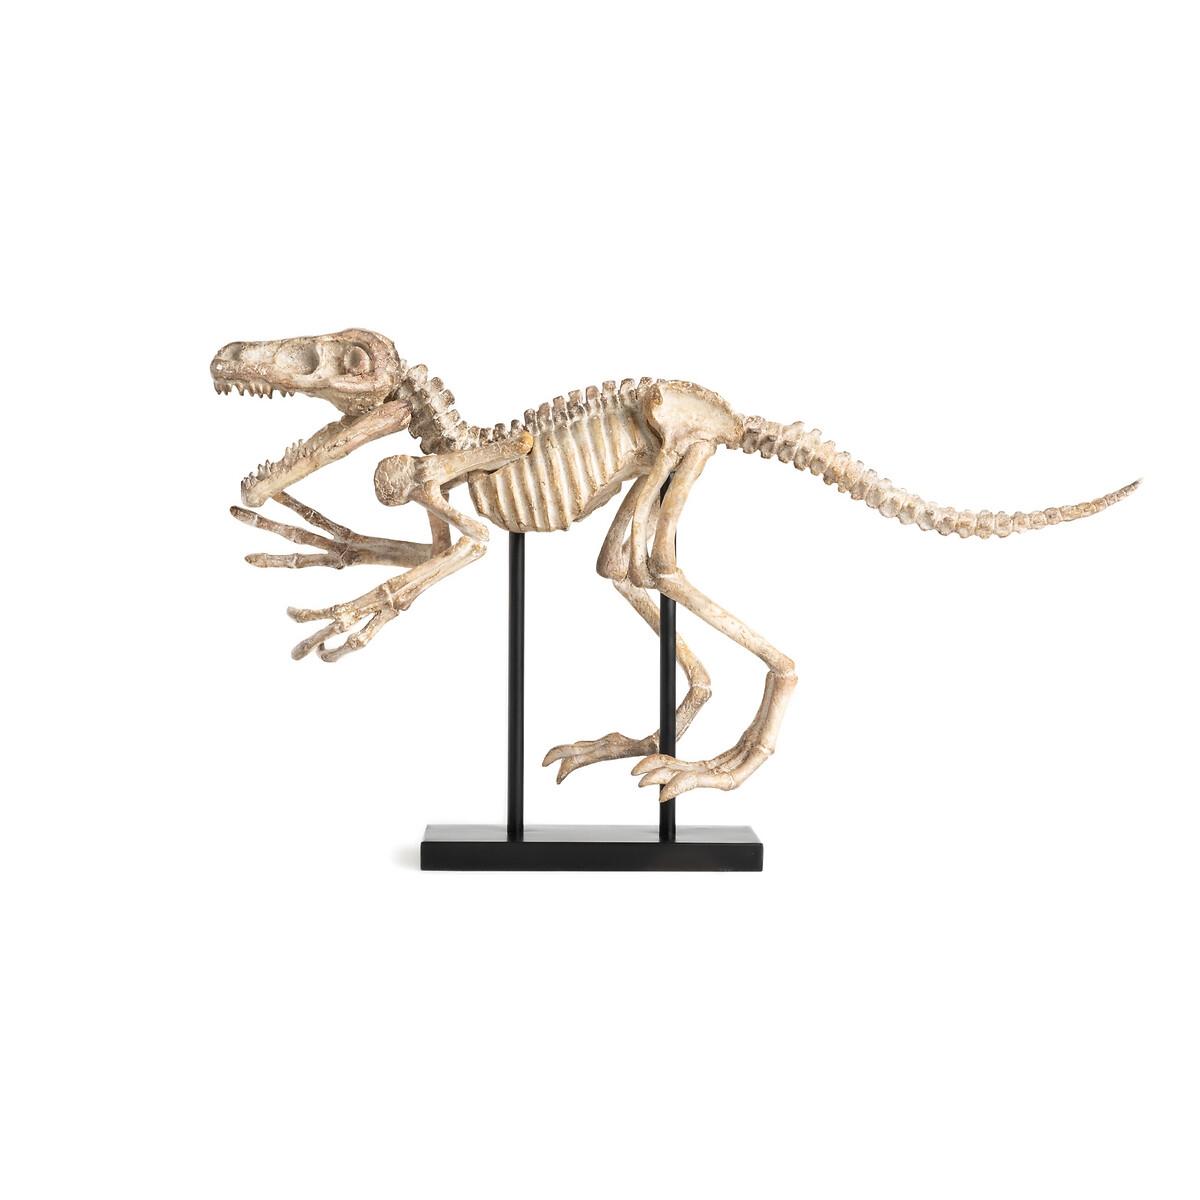 Статуэтка LaRedoute Динозавр из полимера Ш81 см Dona единый размер бежевый